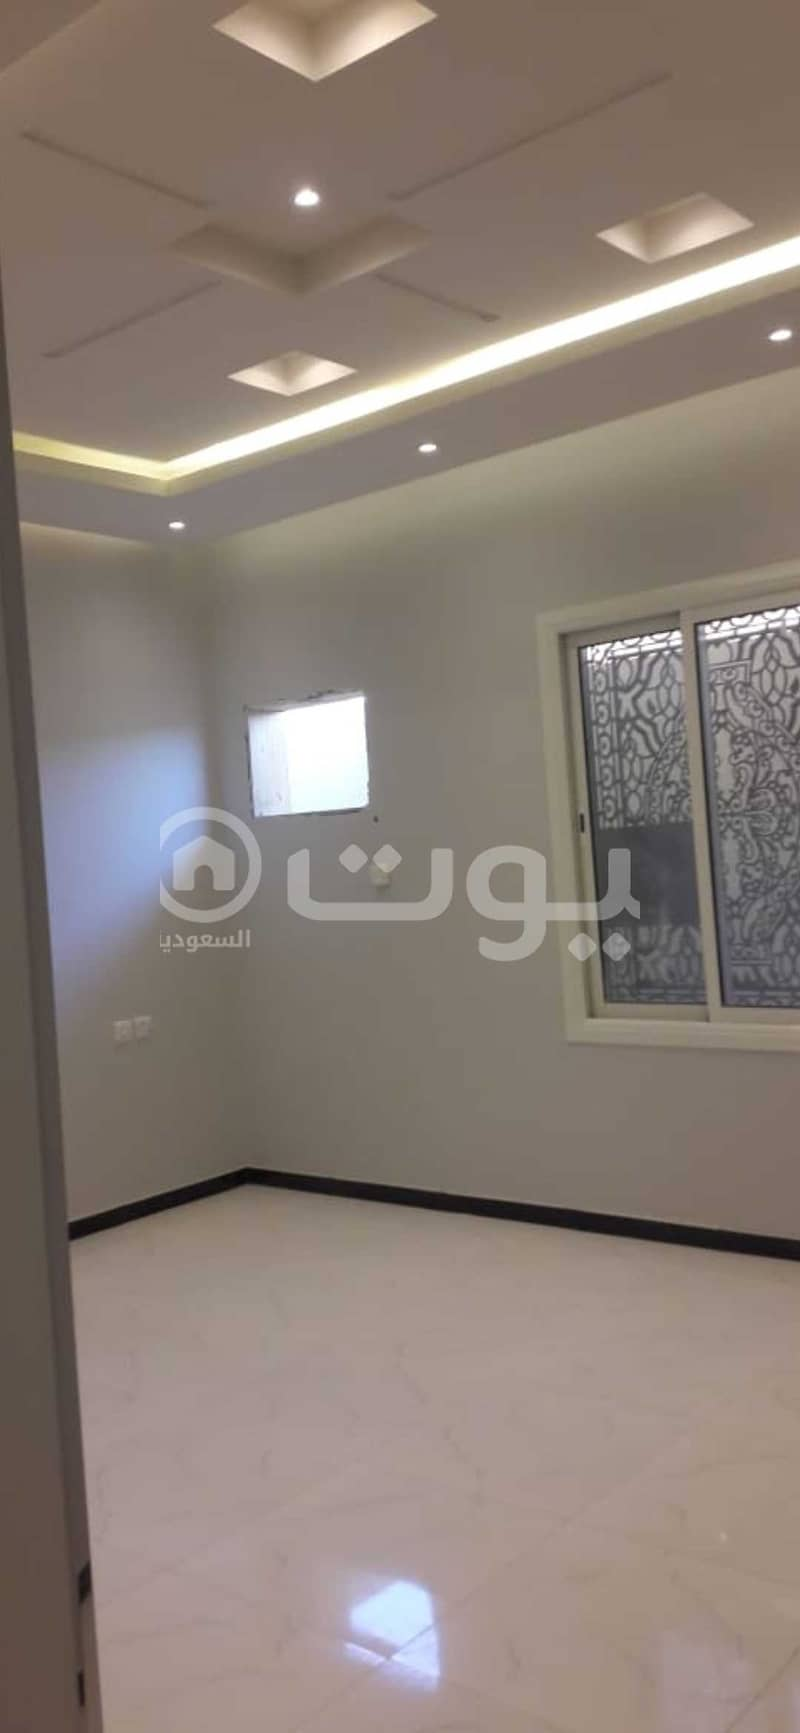 Apartment for sale in Al Aziziyah behind Carrefour in Al Riyadh